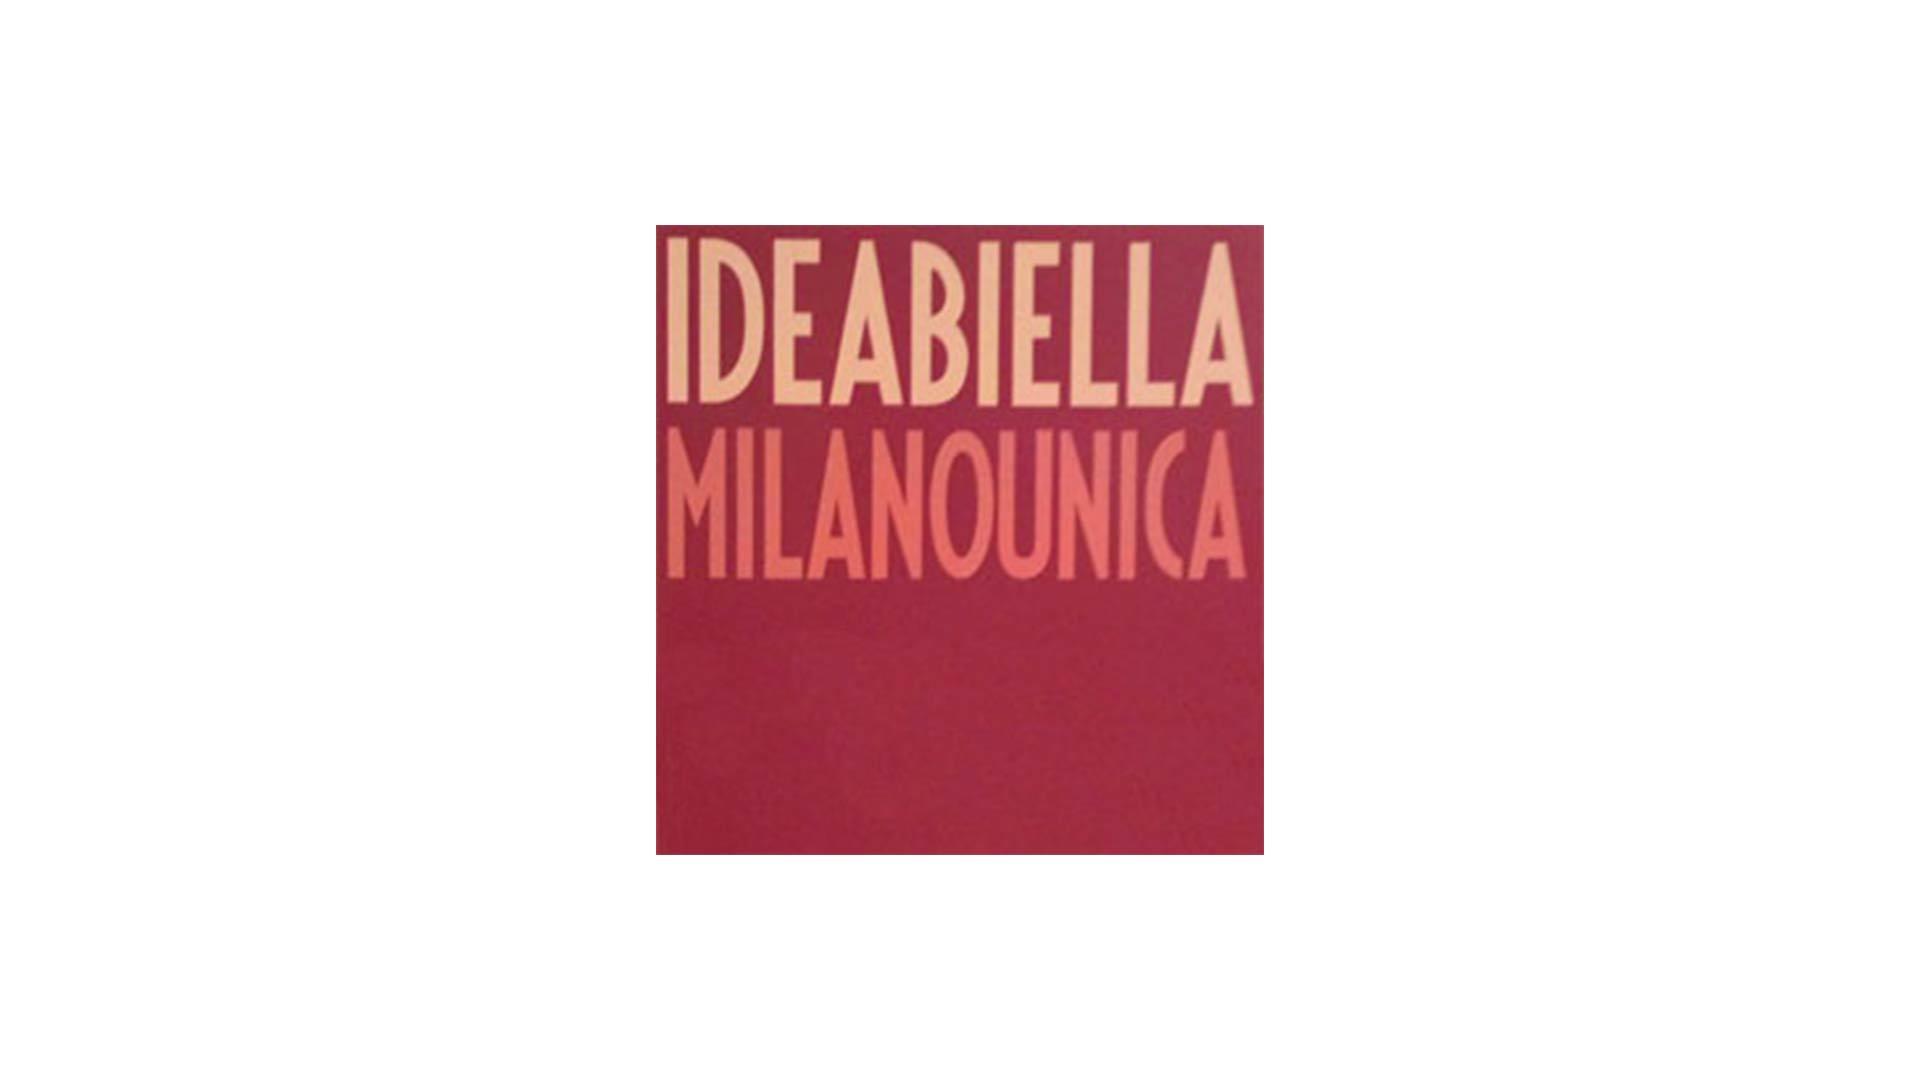 IdeaBiella Milano Unica